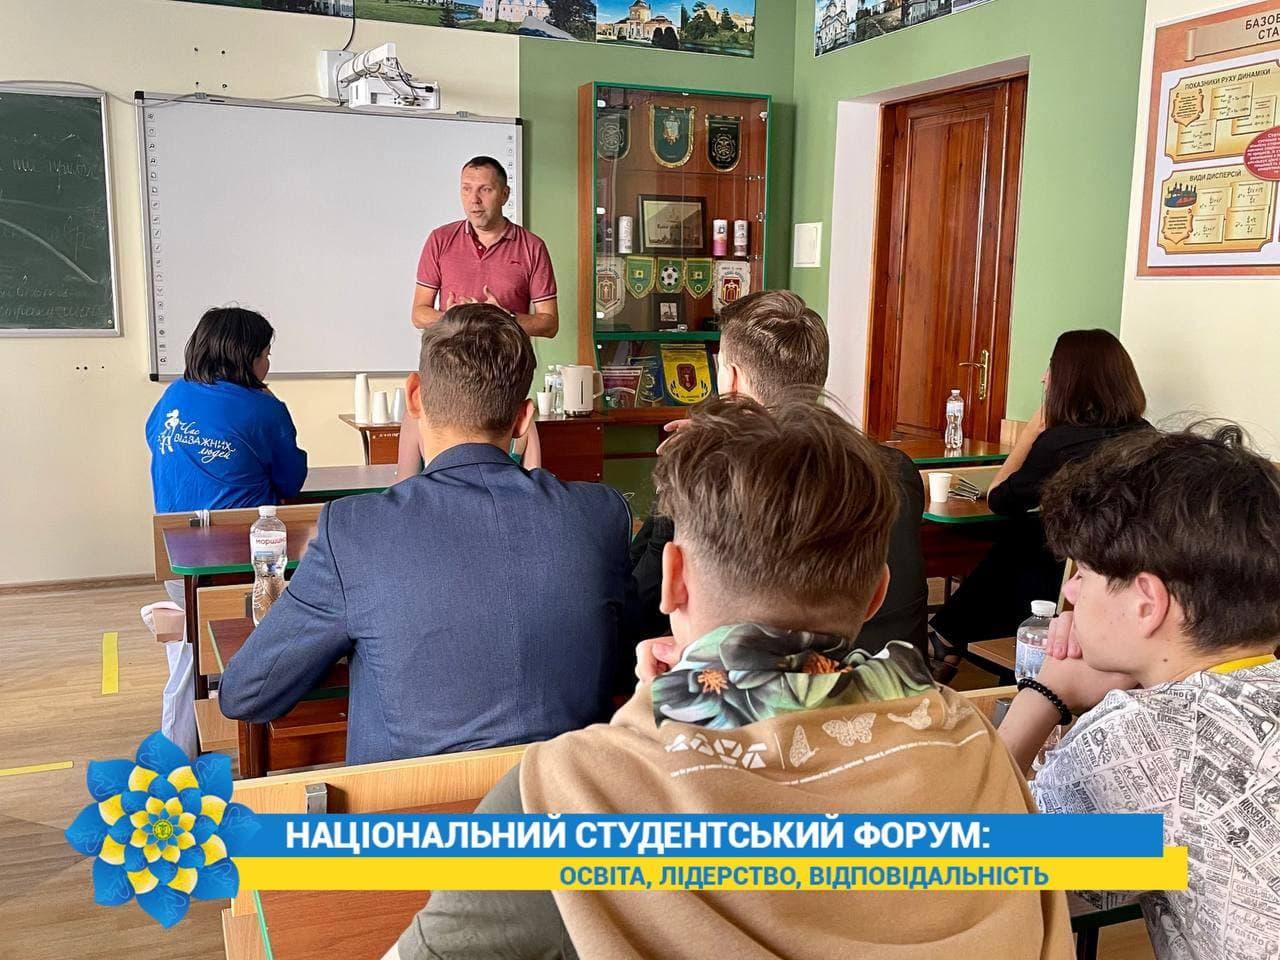 Пресслужба Університету фіскальної служби України